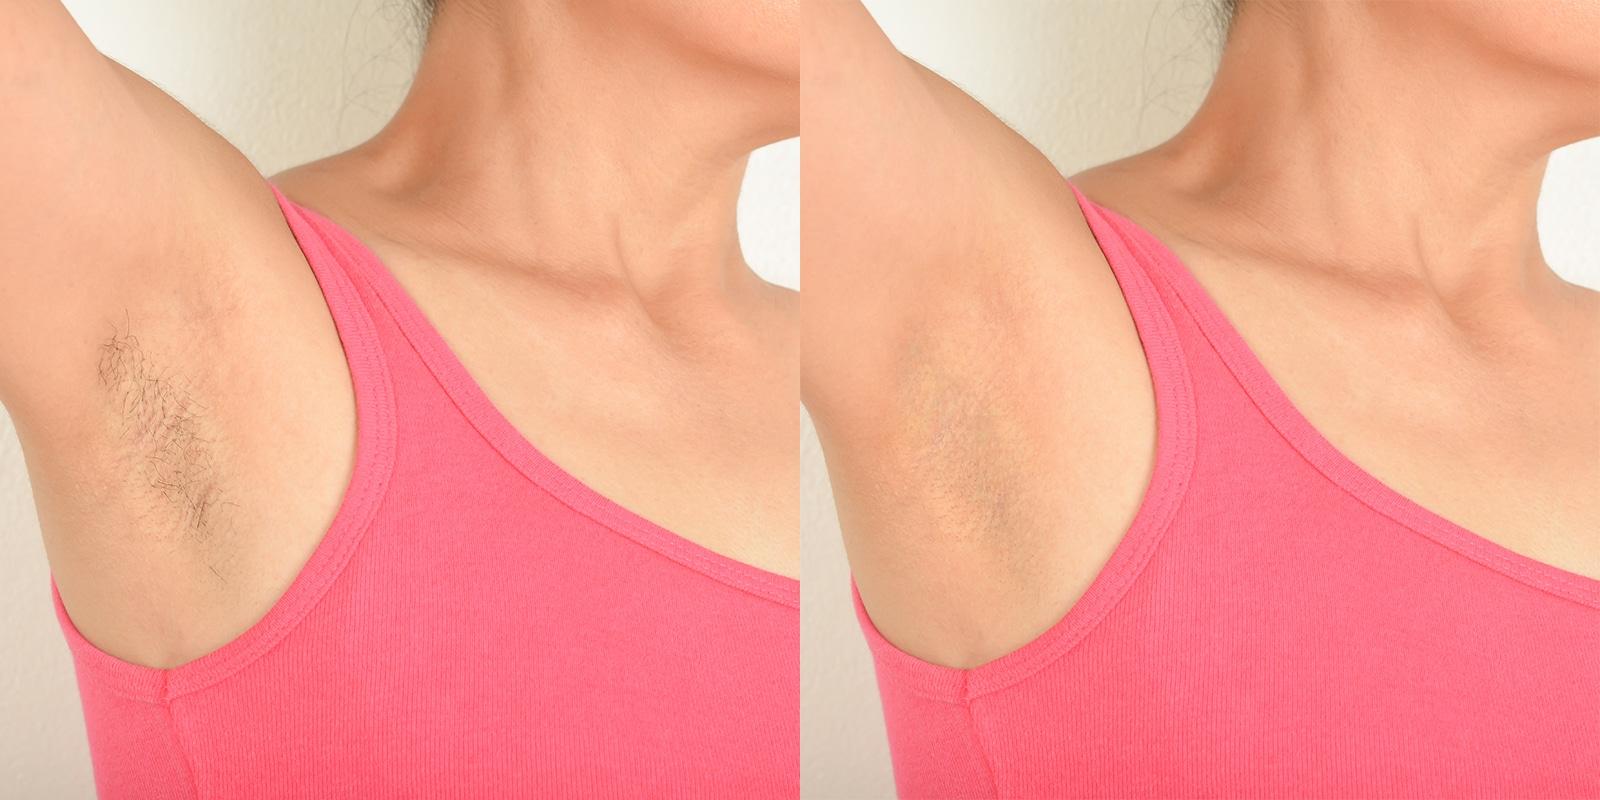 Achseln einer Frau: Vorher-Nachher Vergleichsbild der dauerhaften Haarentfernung mit Laser.